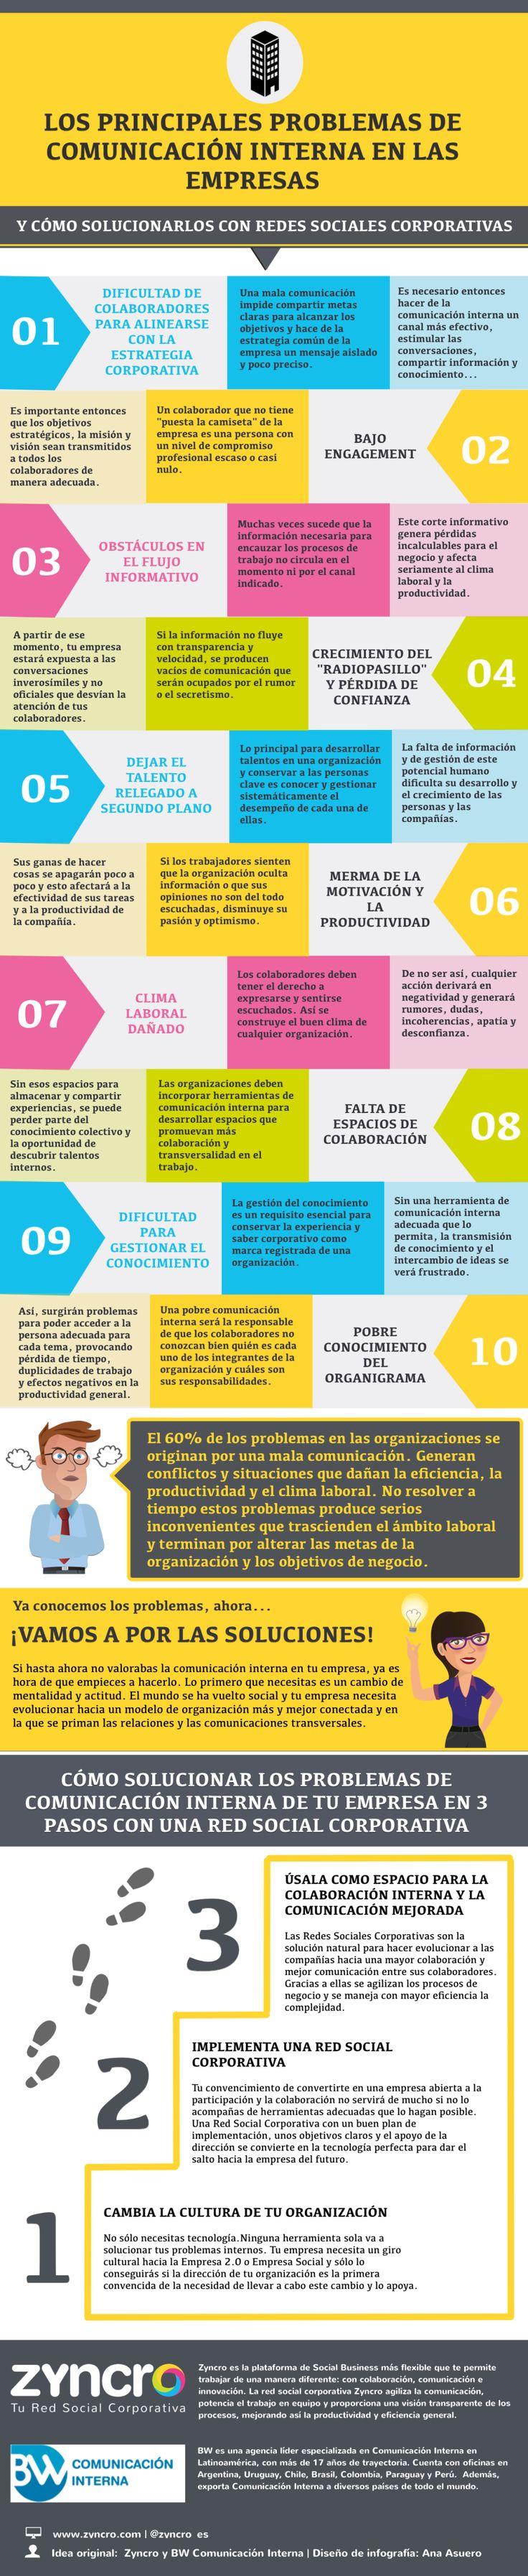 Principales problemas en comunicación interna de las empresas #infografia